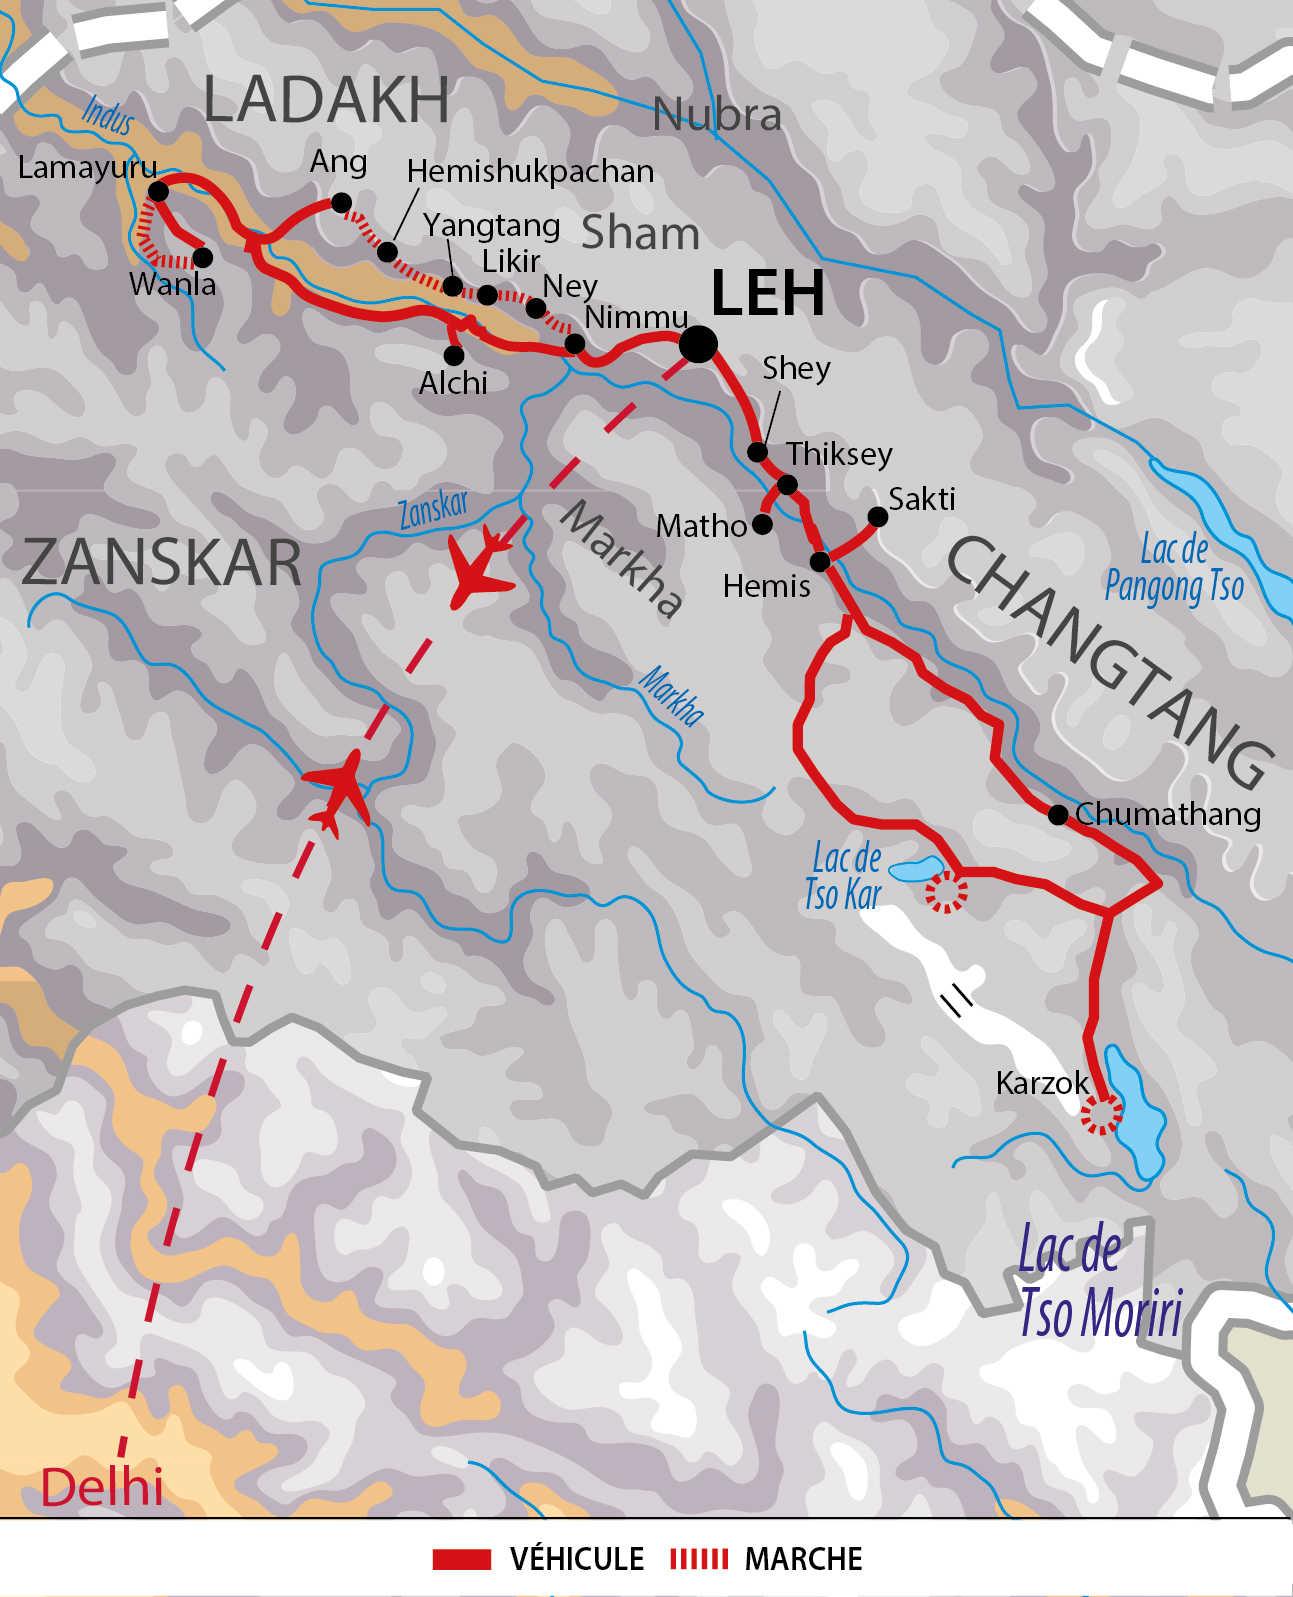 Carte de voyage au Ladakh